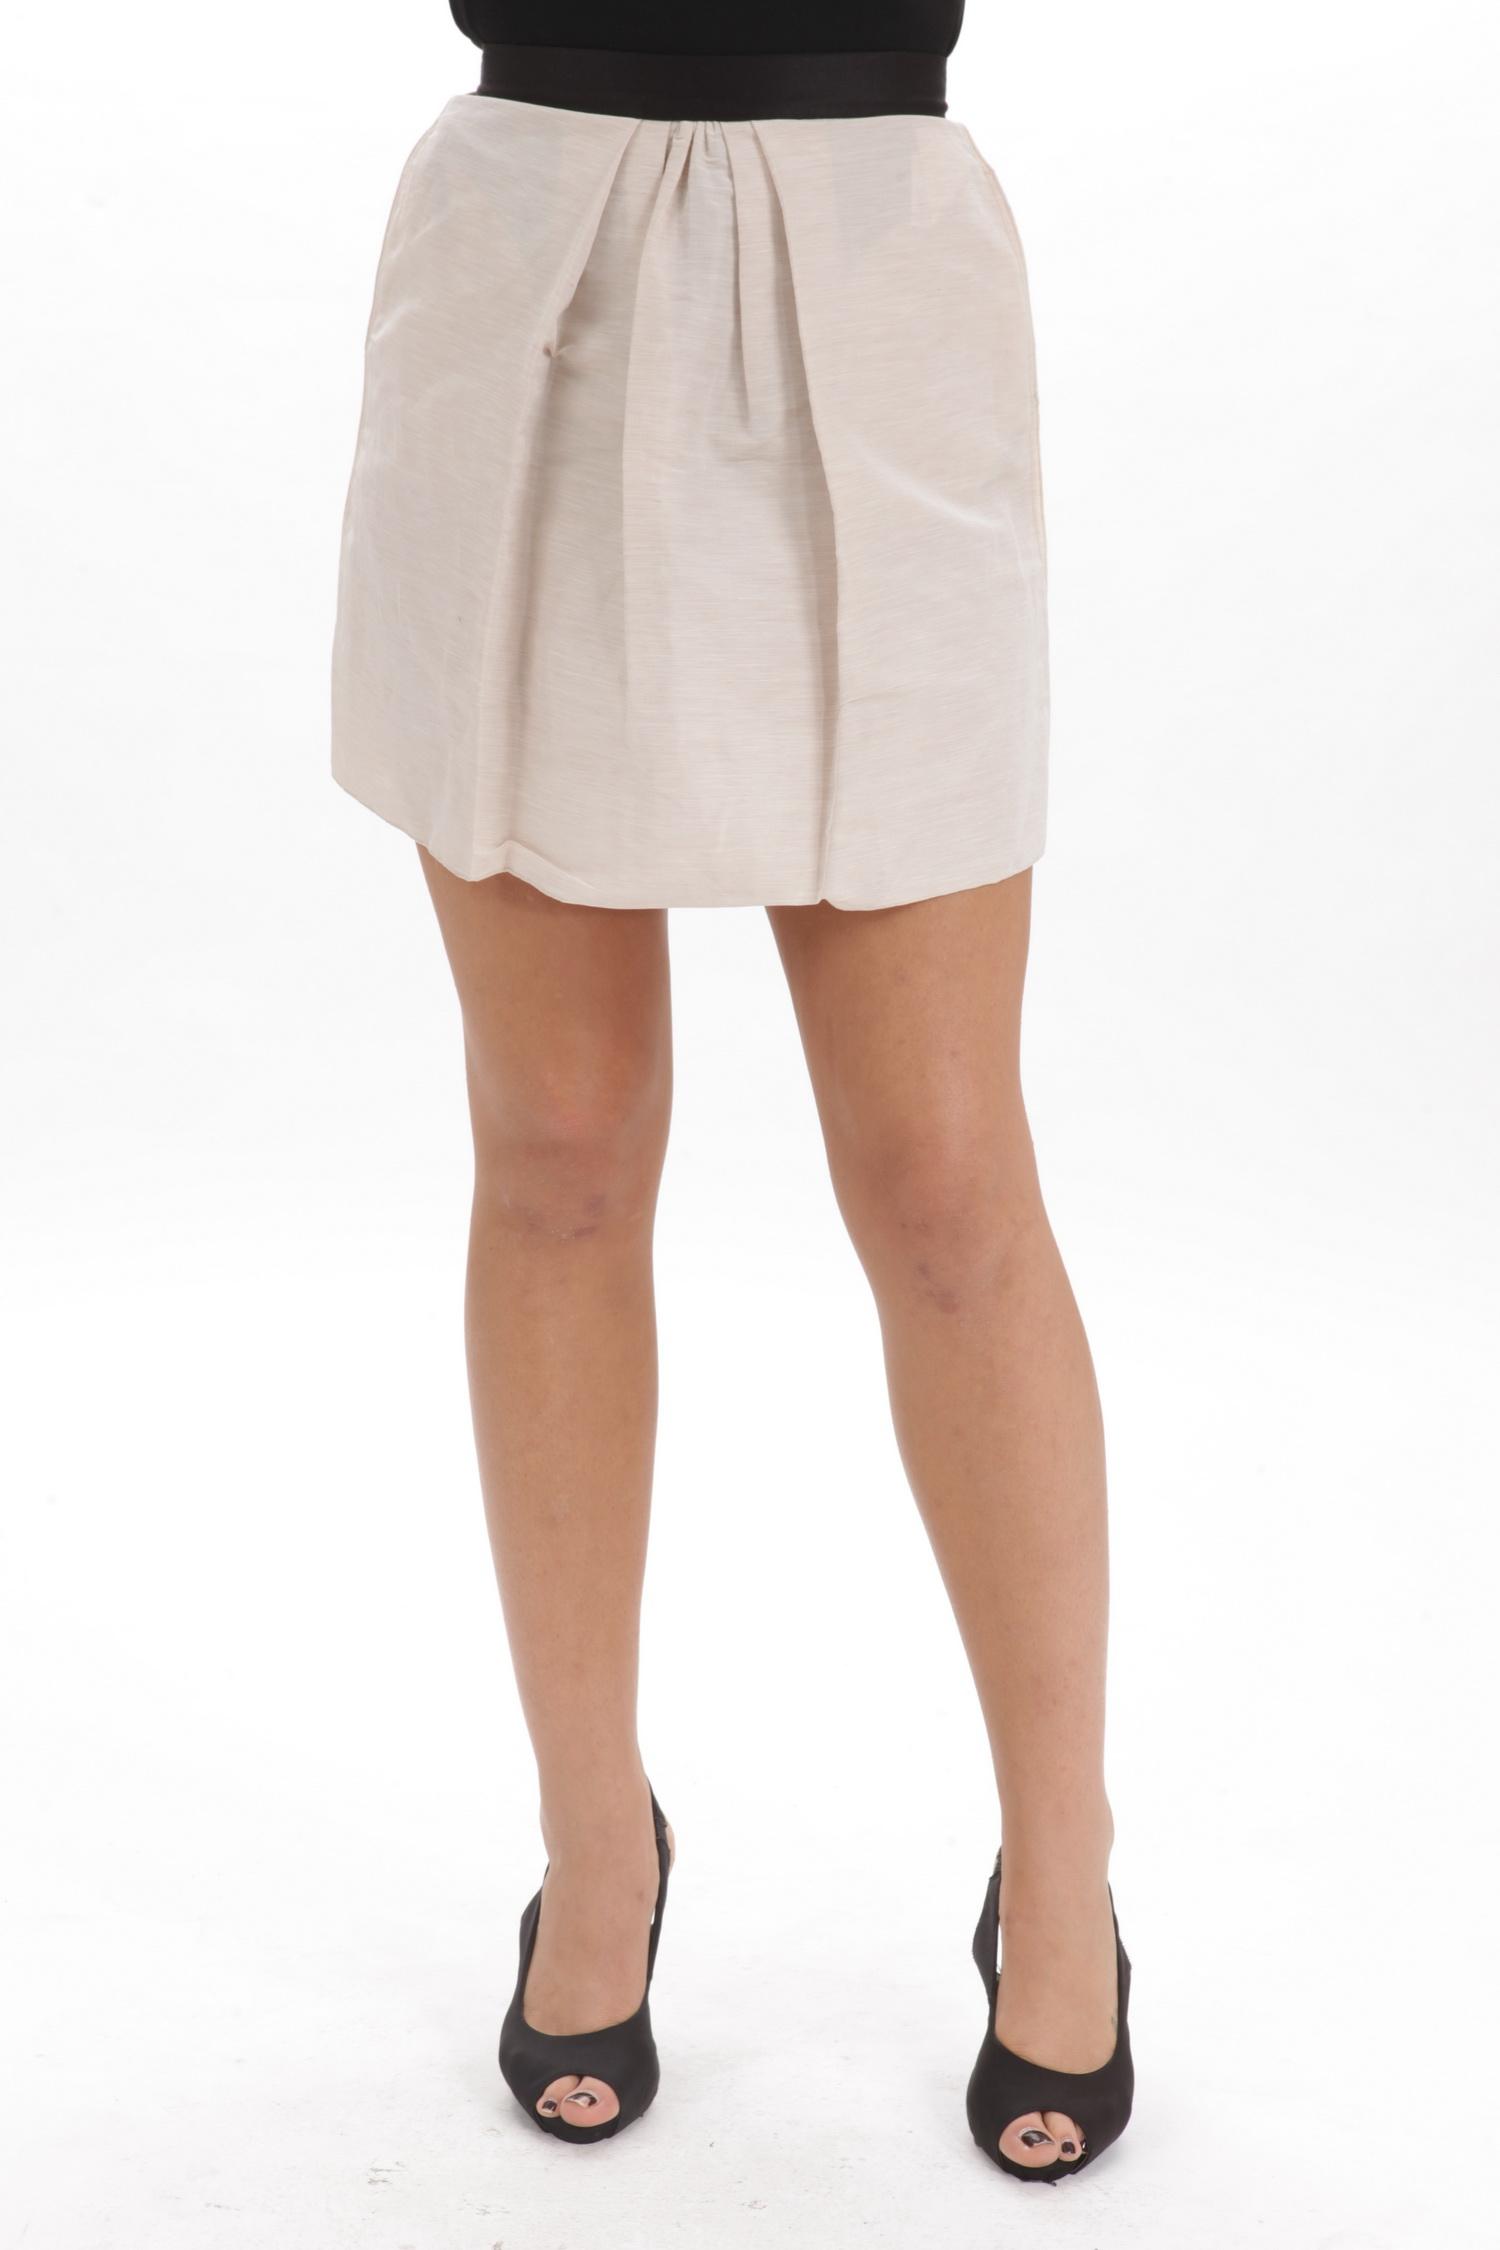 Dolce & Gabbana D & G Women's Skirt Beige Sz 40 SI0776 at Sears.com